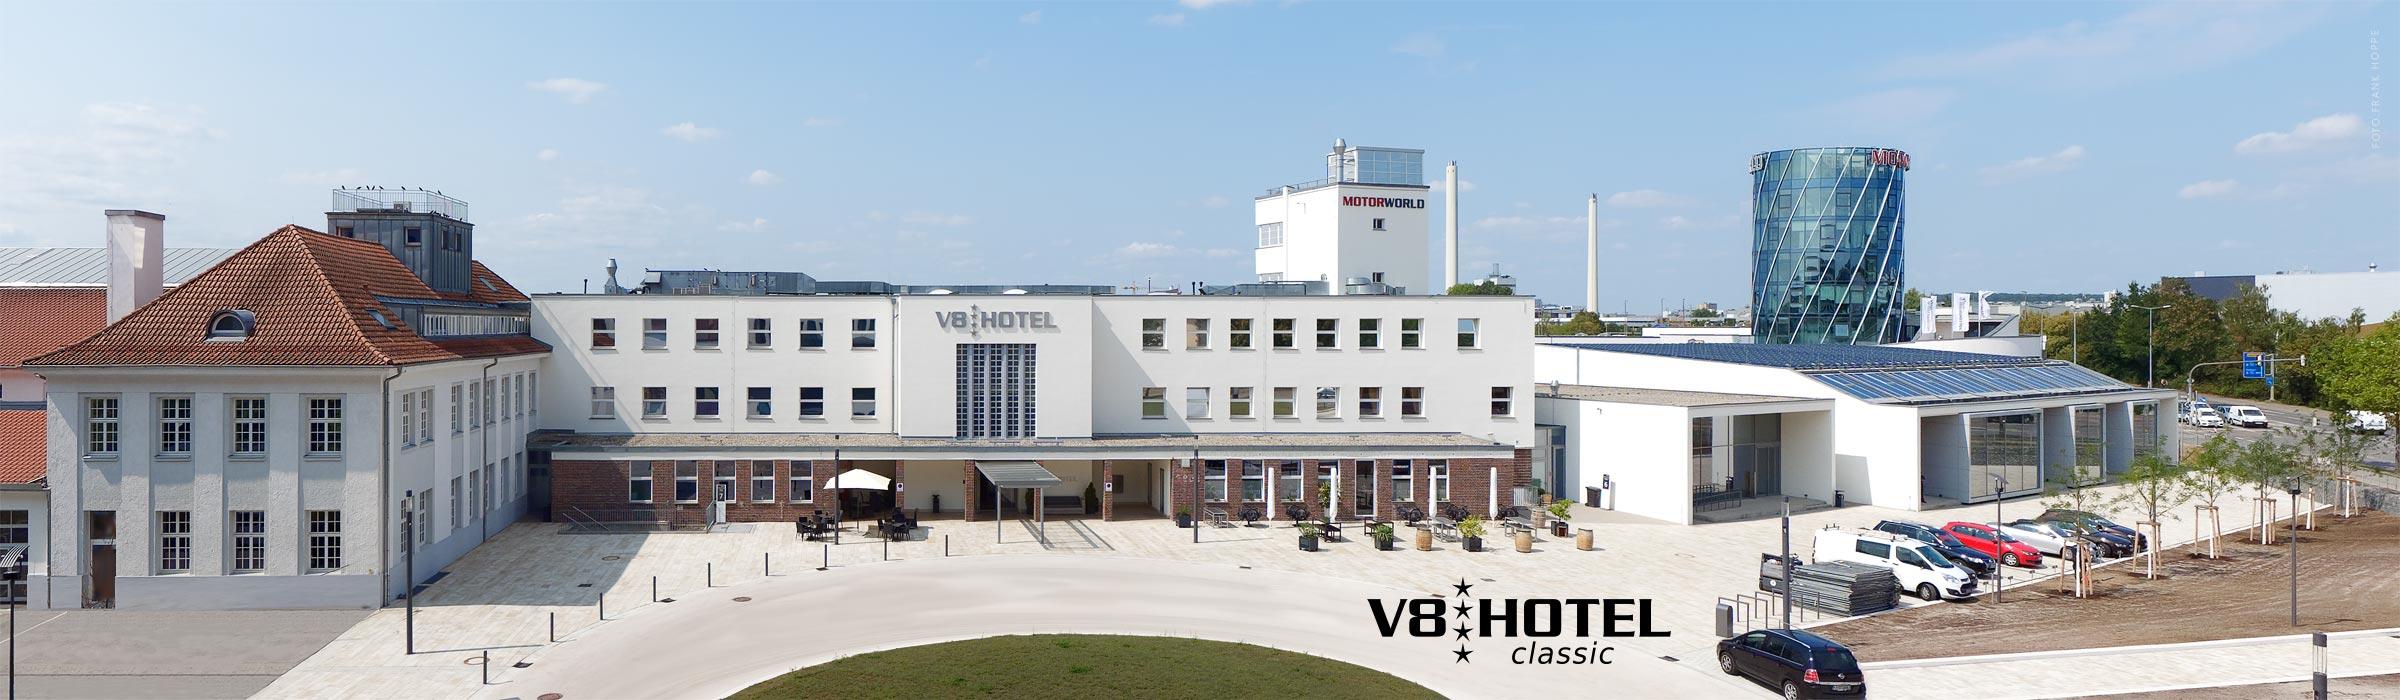 V8 HOTEL Classic Region Stuttgart